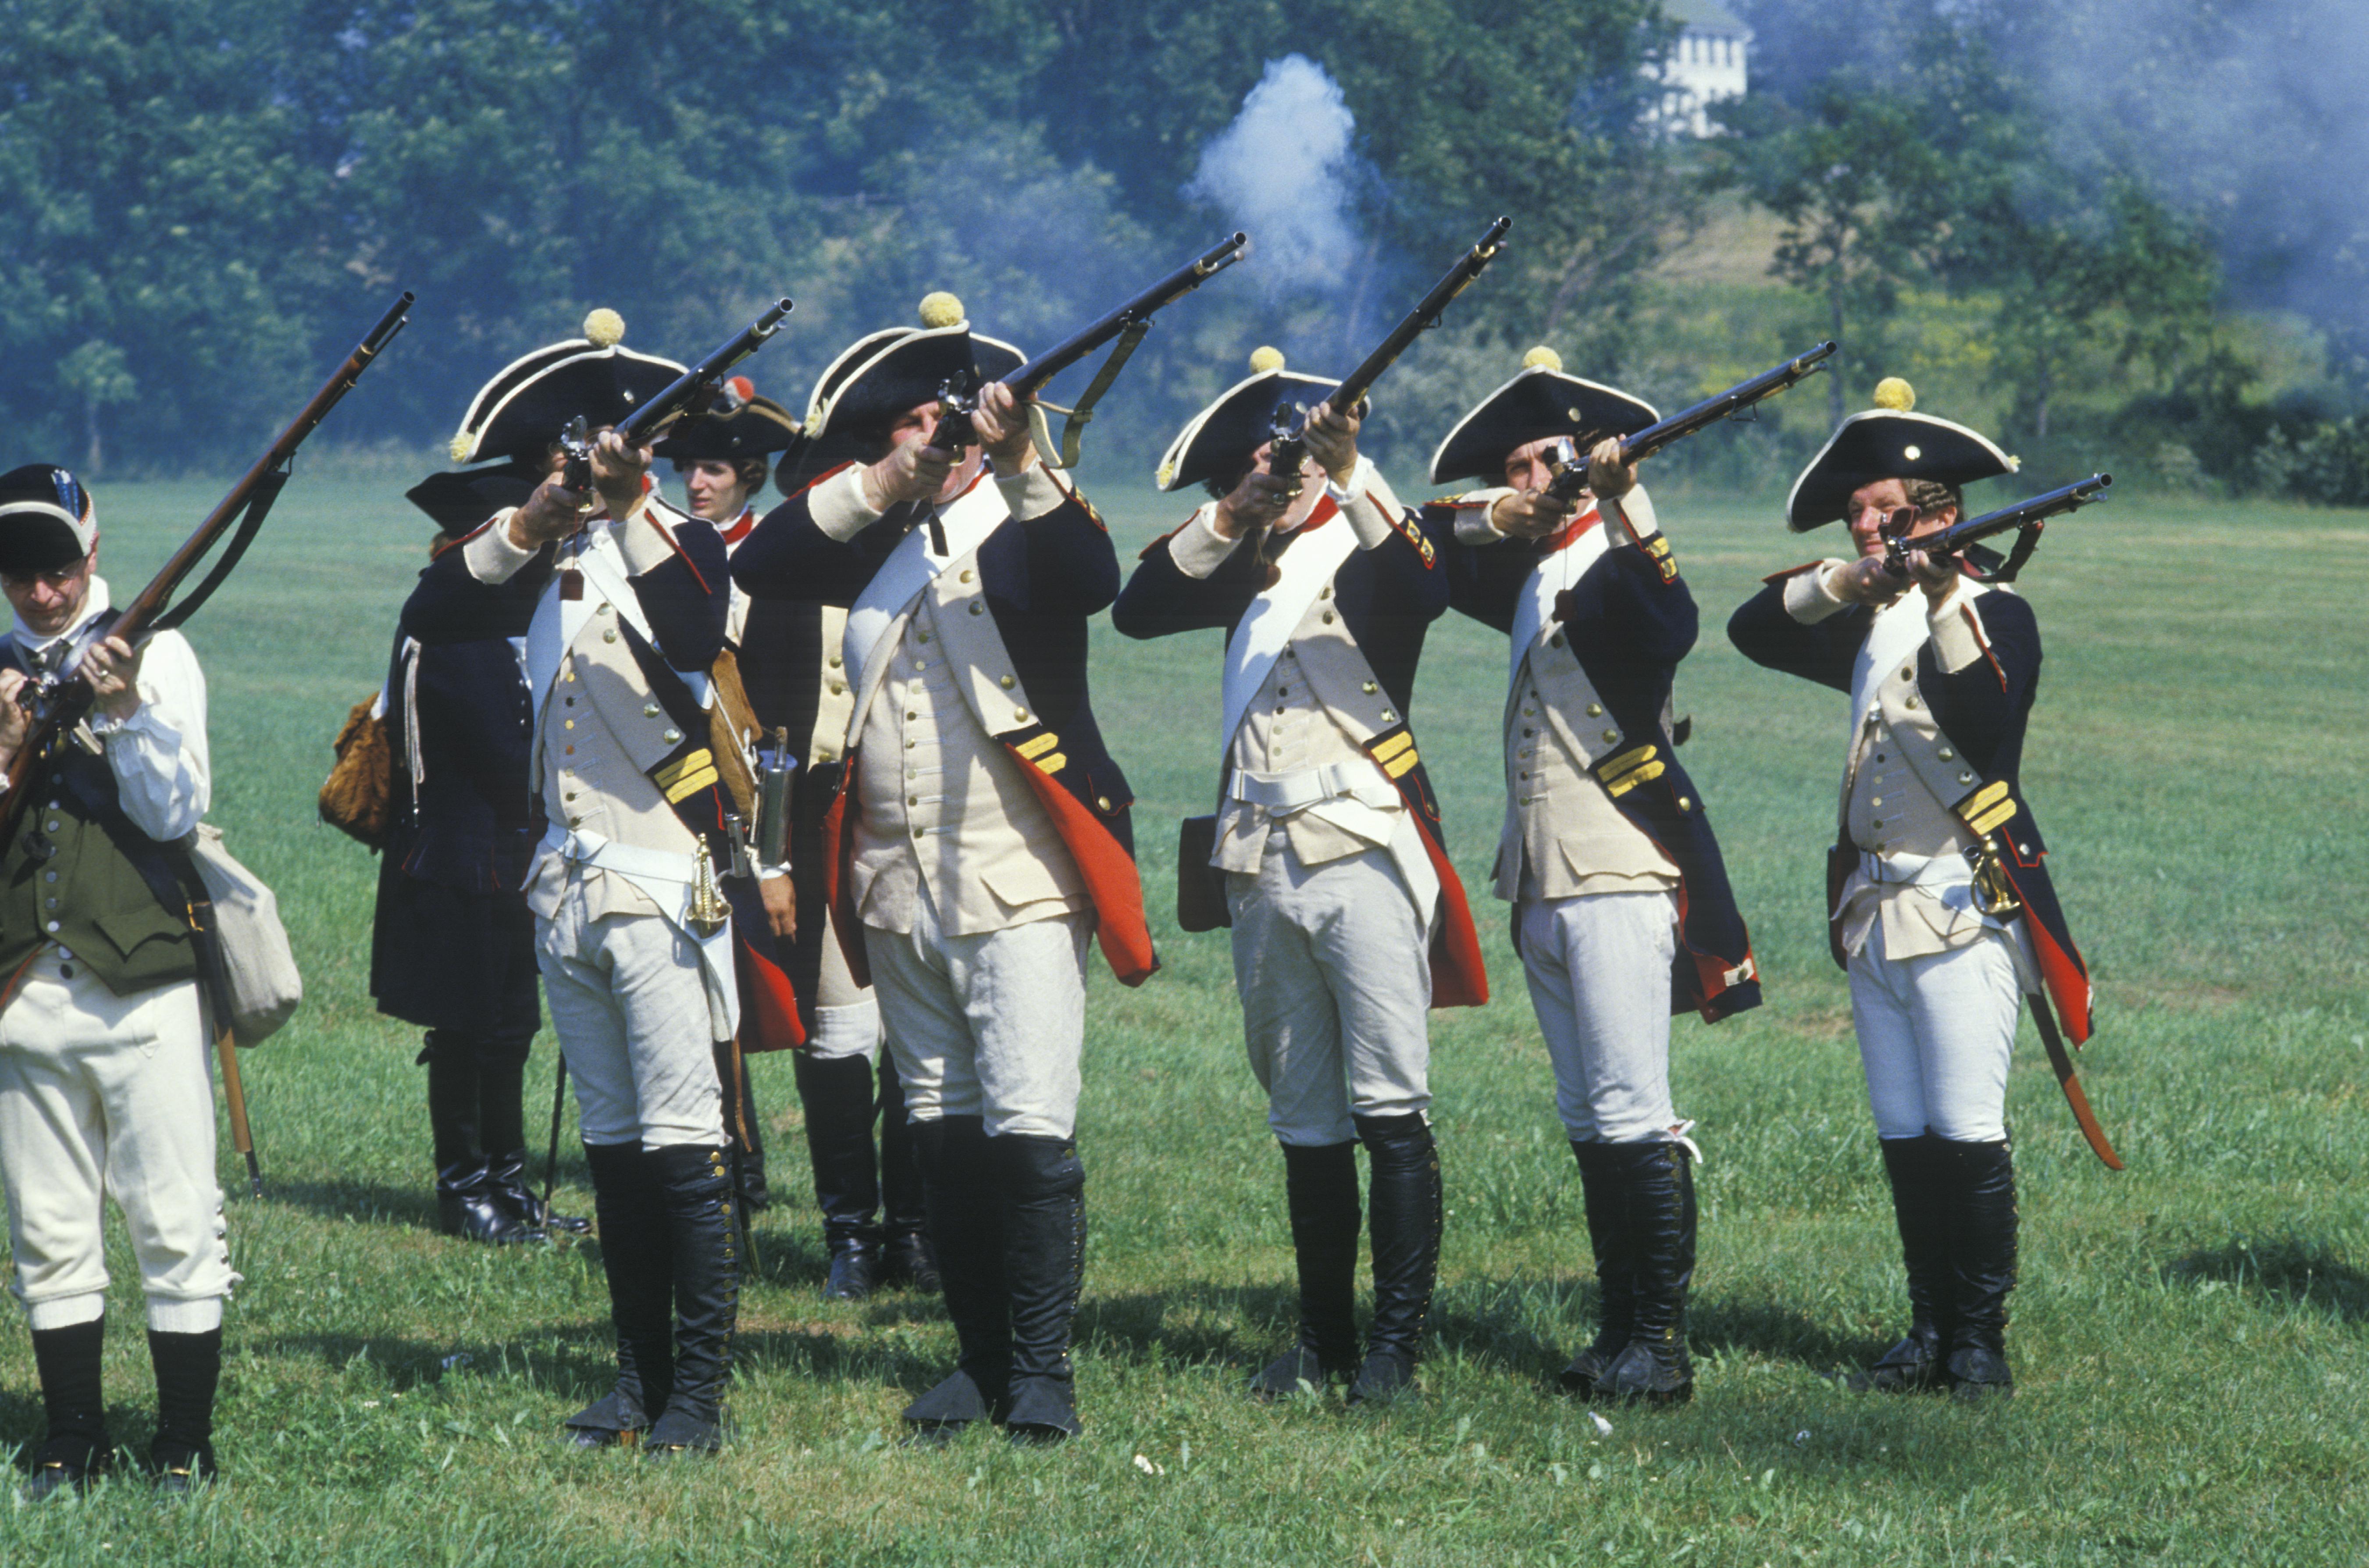 أميركيون يرتدون زي الجيش القاري خلال إعادة تمثيل لإحدى معارك حرب الاستقلال